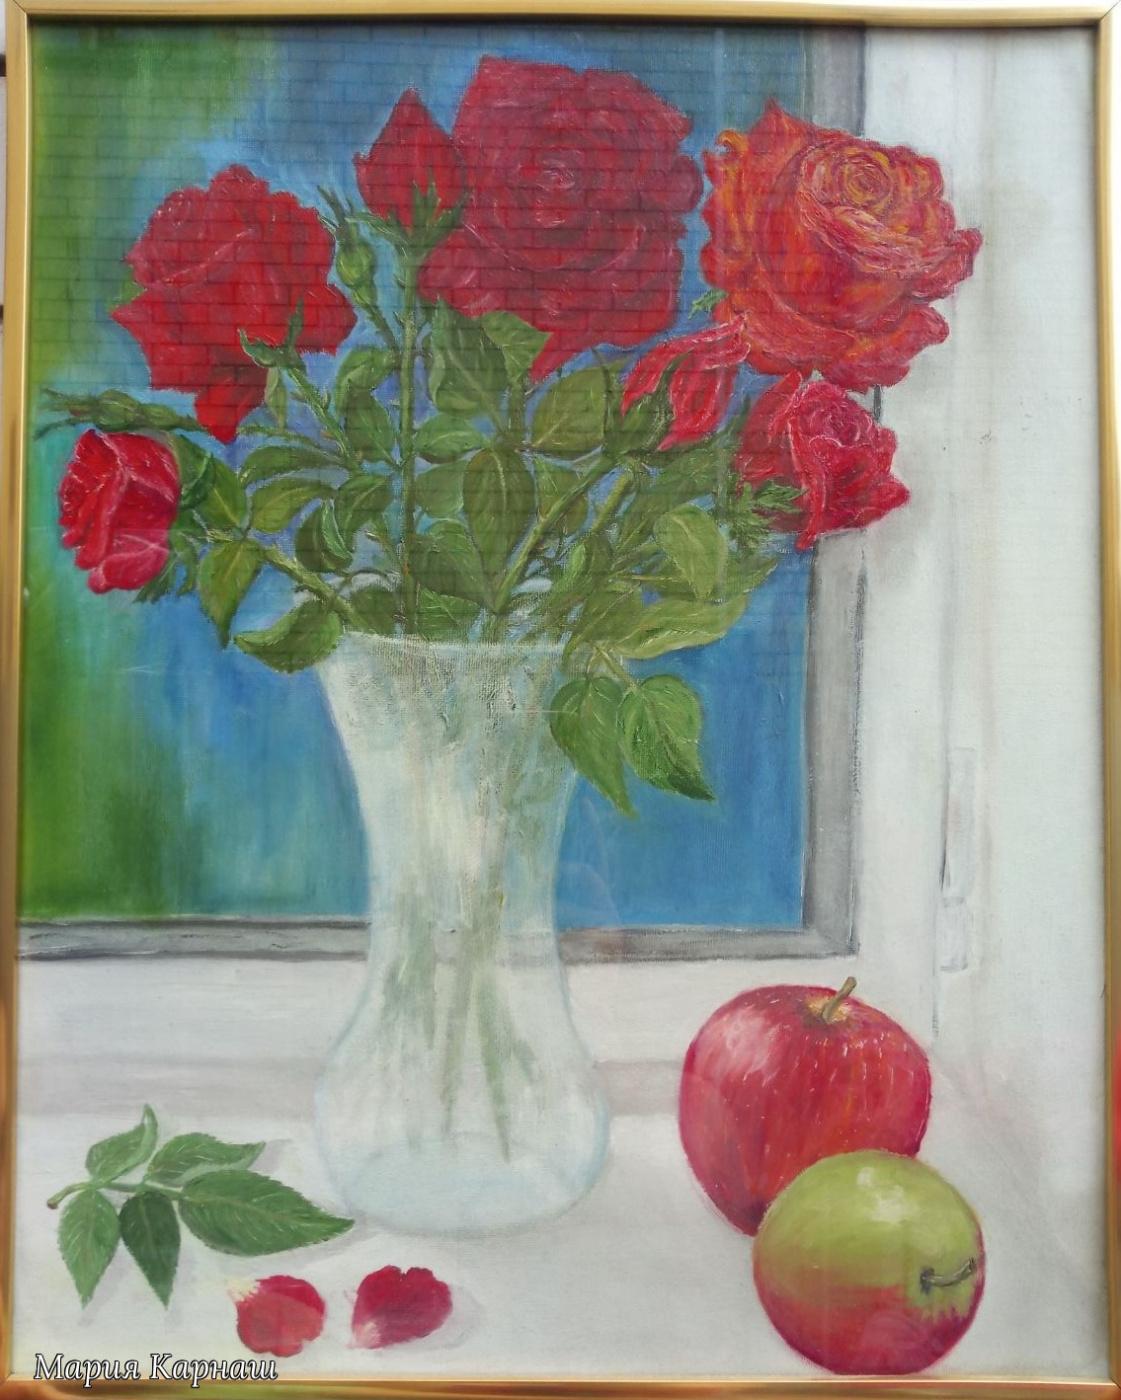 Мария Карнаш. Натюрморт с розами